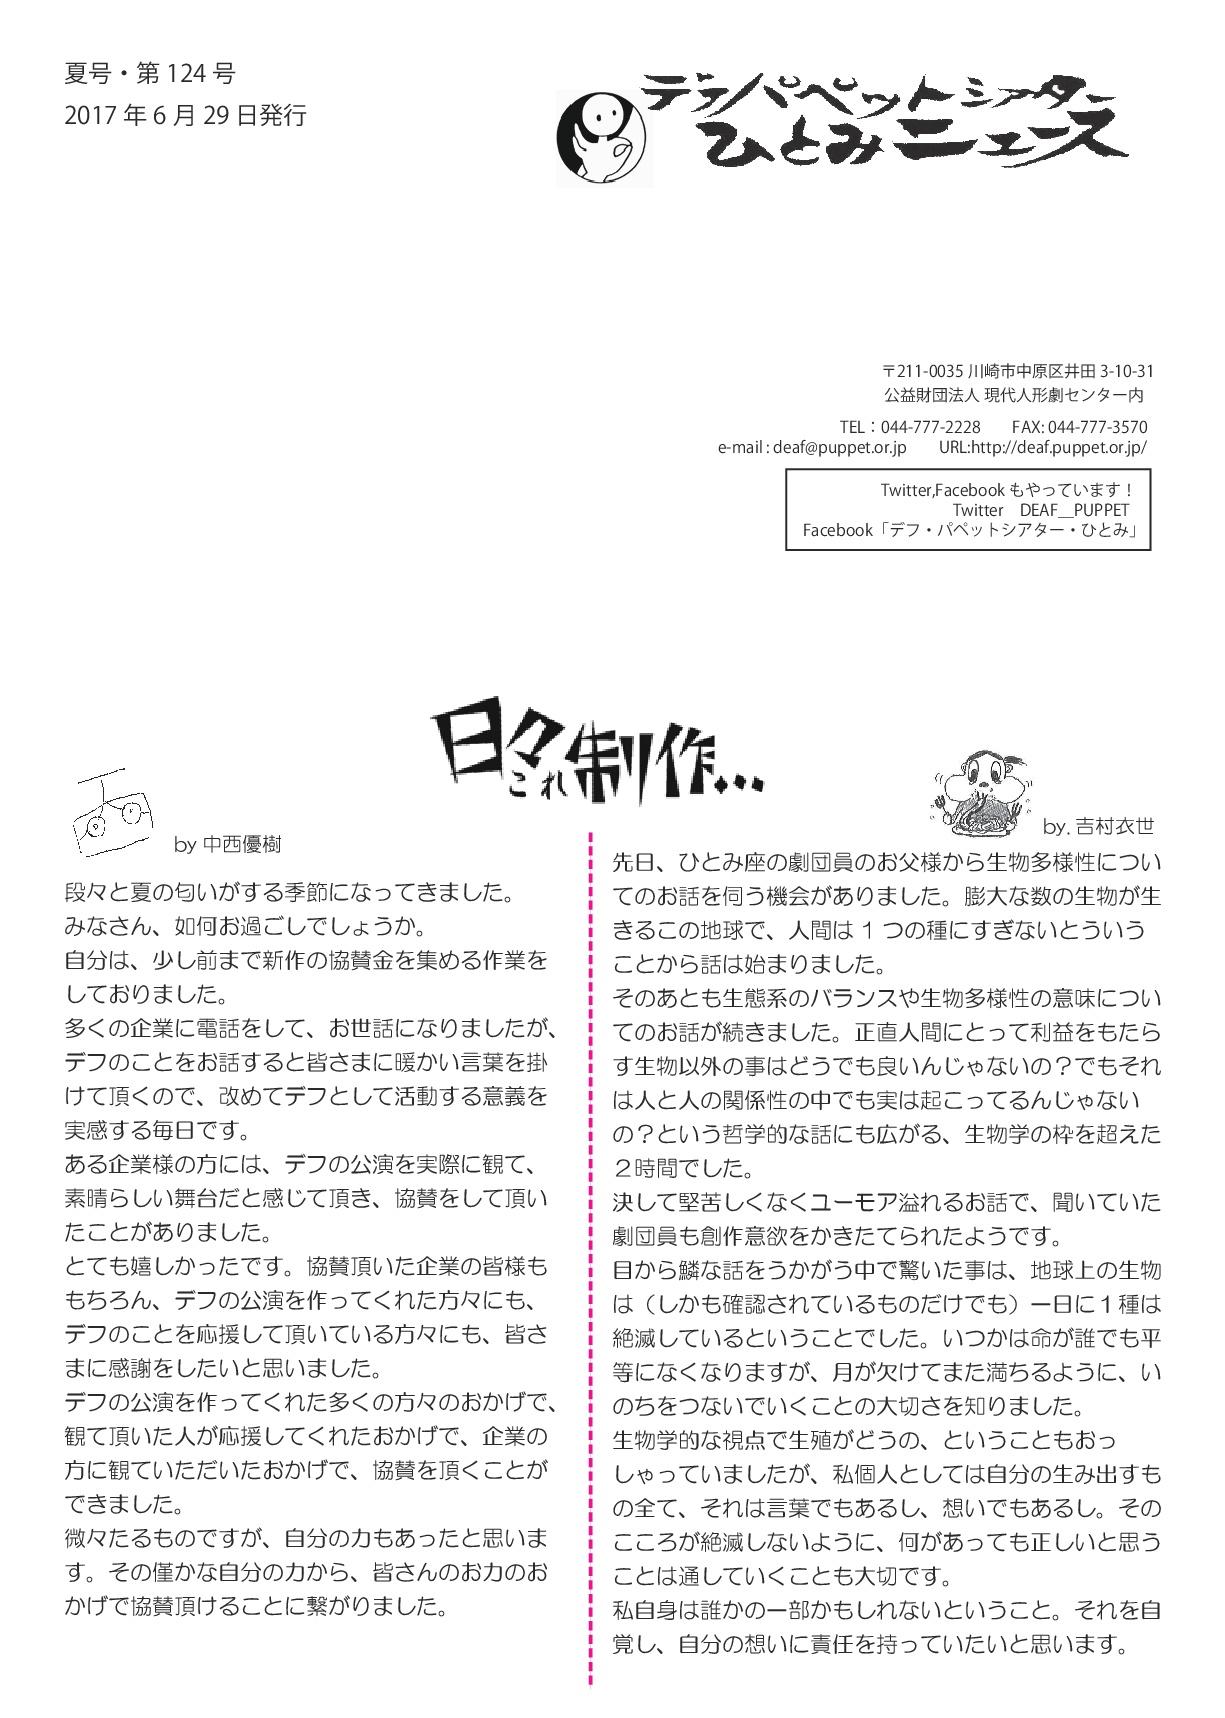 デフニュース-1 (2).jpg